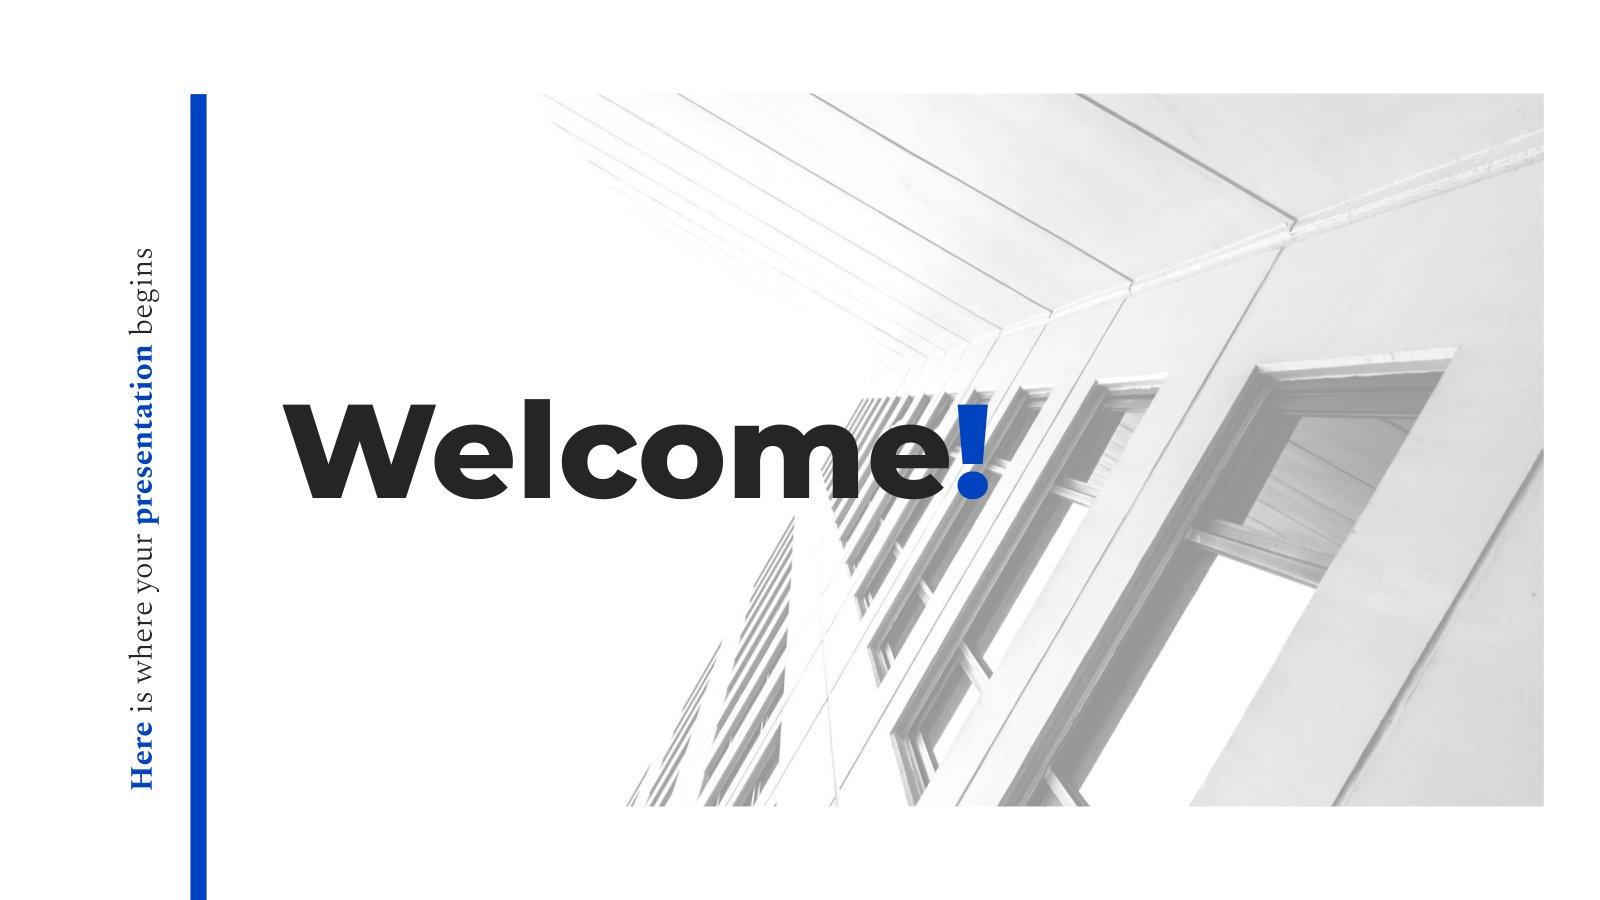 Élégant bleu : Modèles de présentation